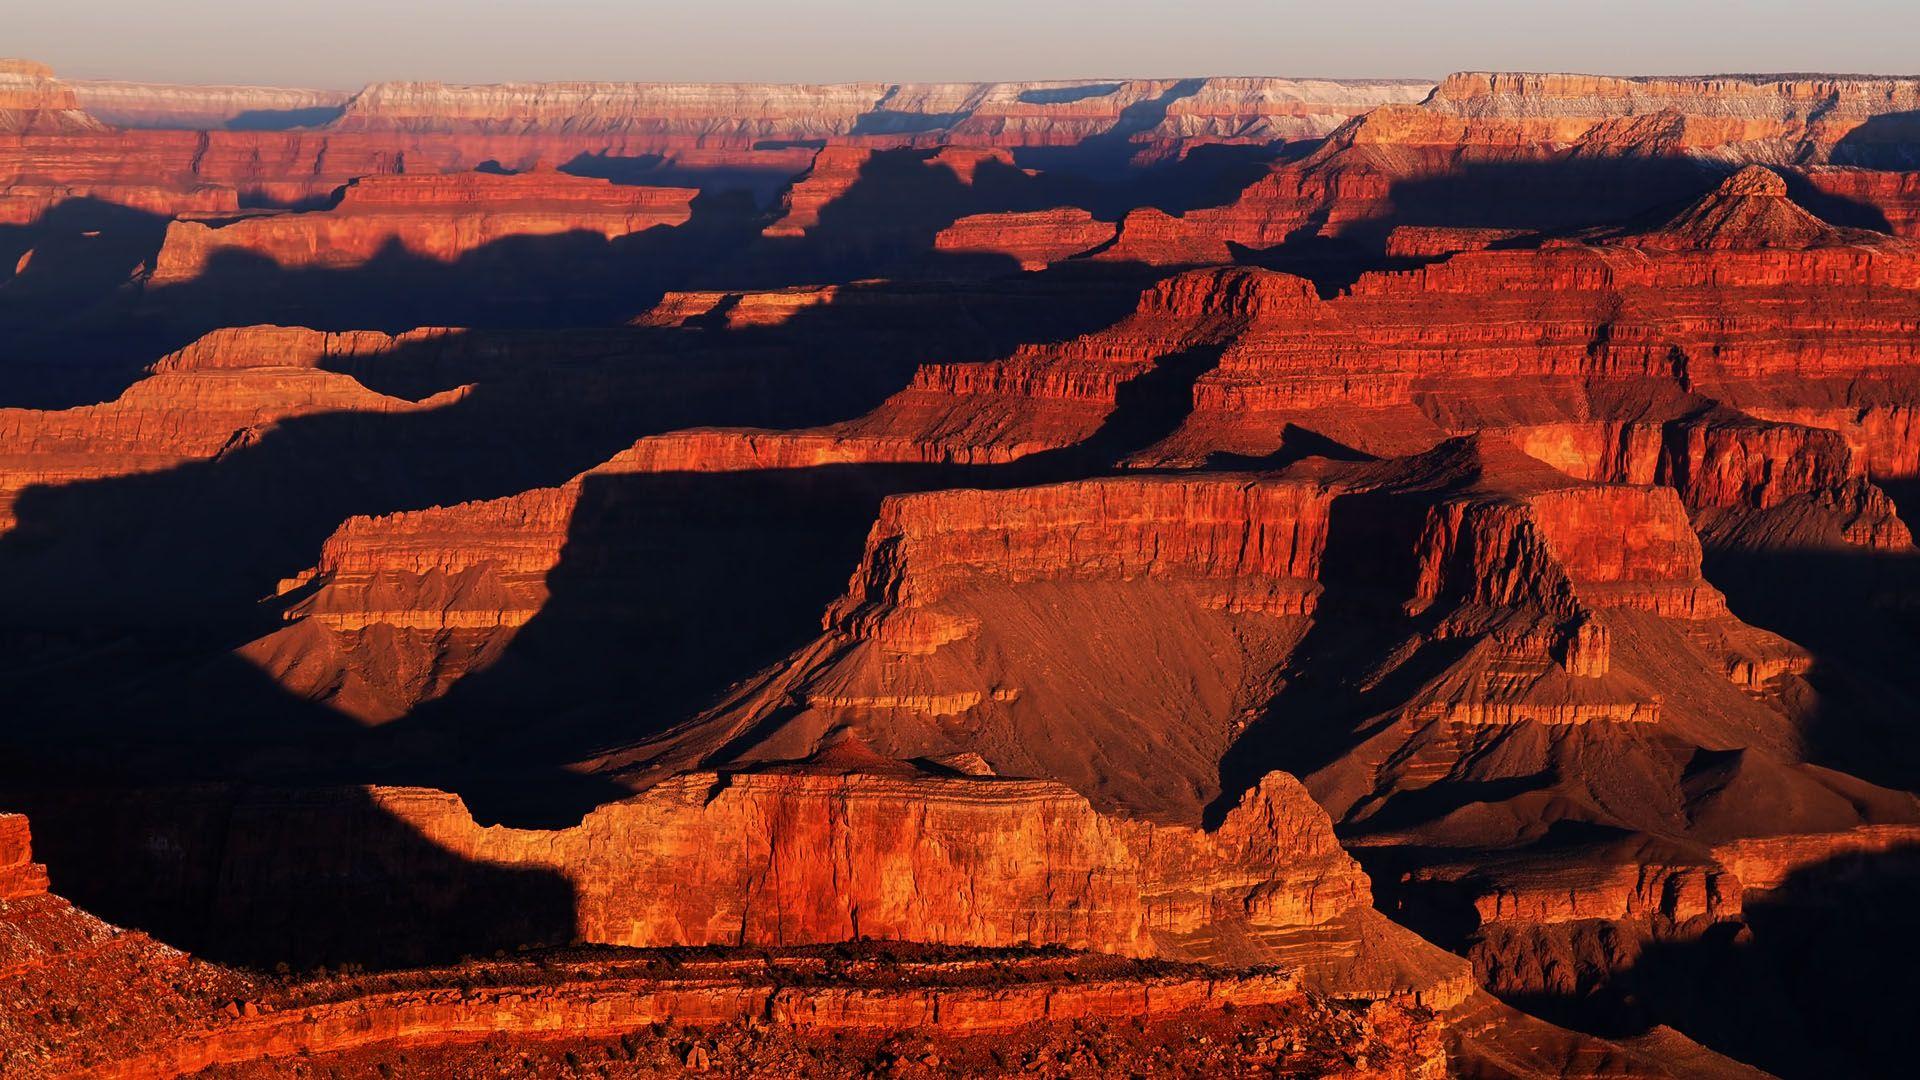 Grand Canyon Hd Desktop Wallpaper Widescreen High Definition